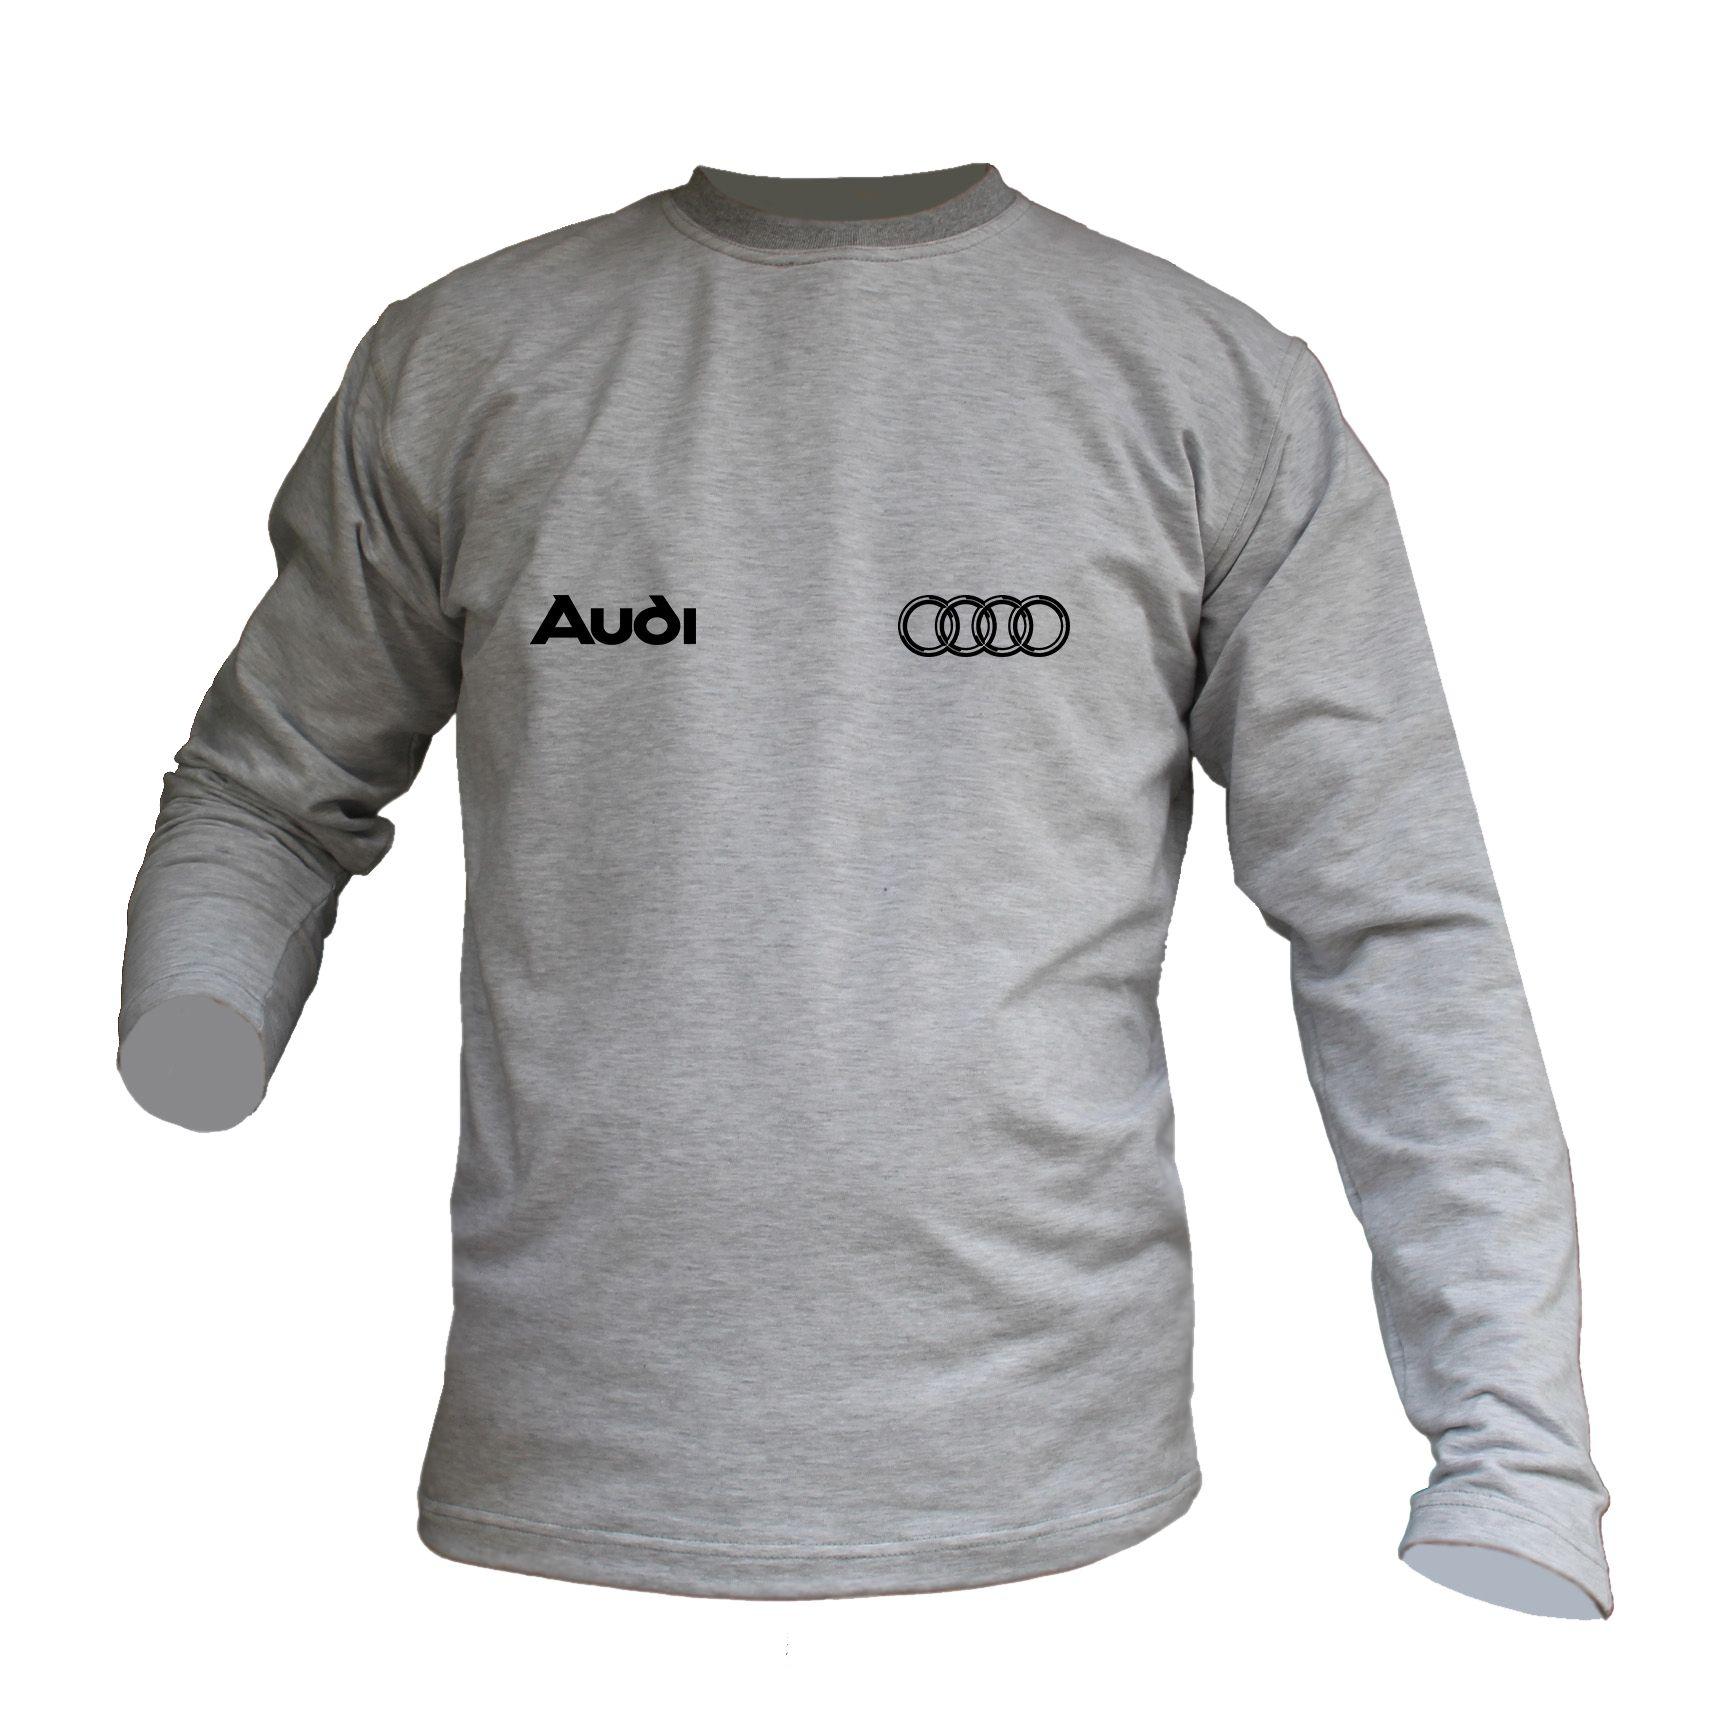 velika prodaja kupovina novih američka jeftina prodaja Pamučni duks AUDI - sivi / Duksevi - Pontis Motori Kraljevo